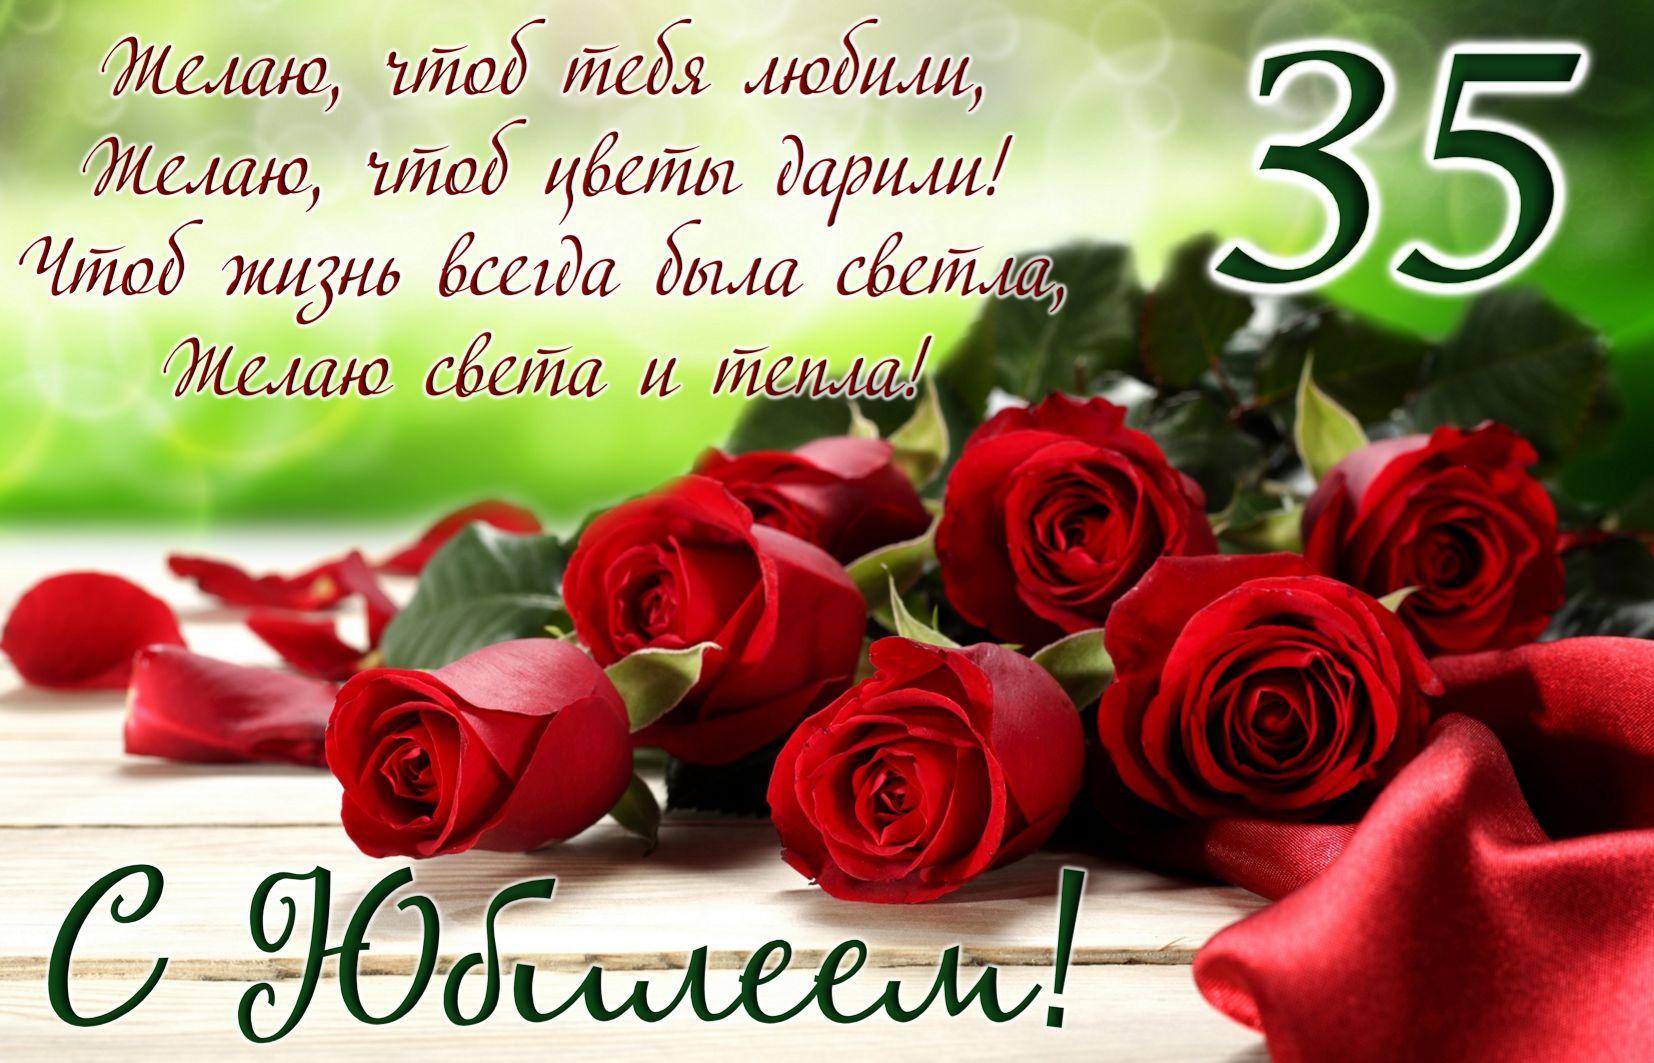 Открытка - пожелание и красные розы женщине на 35 лет